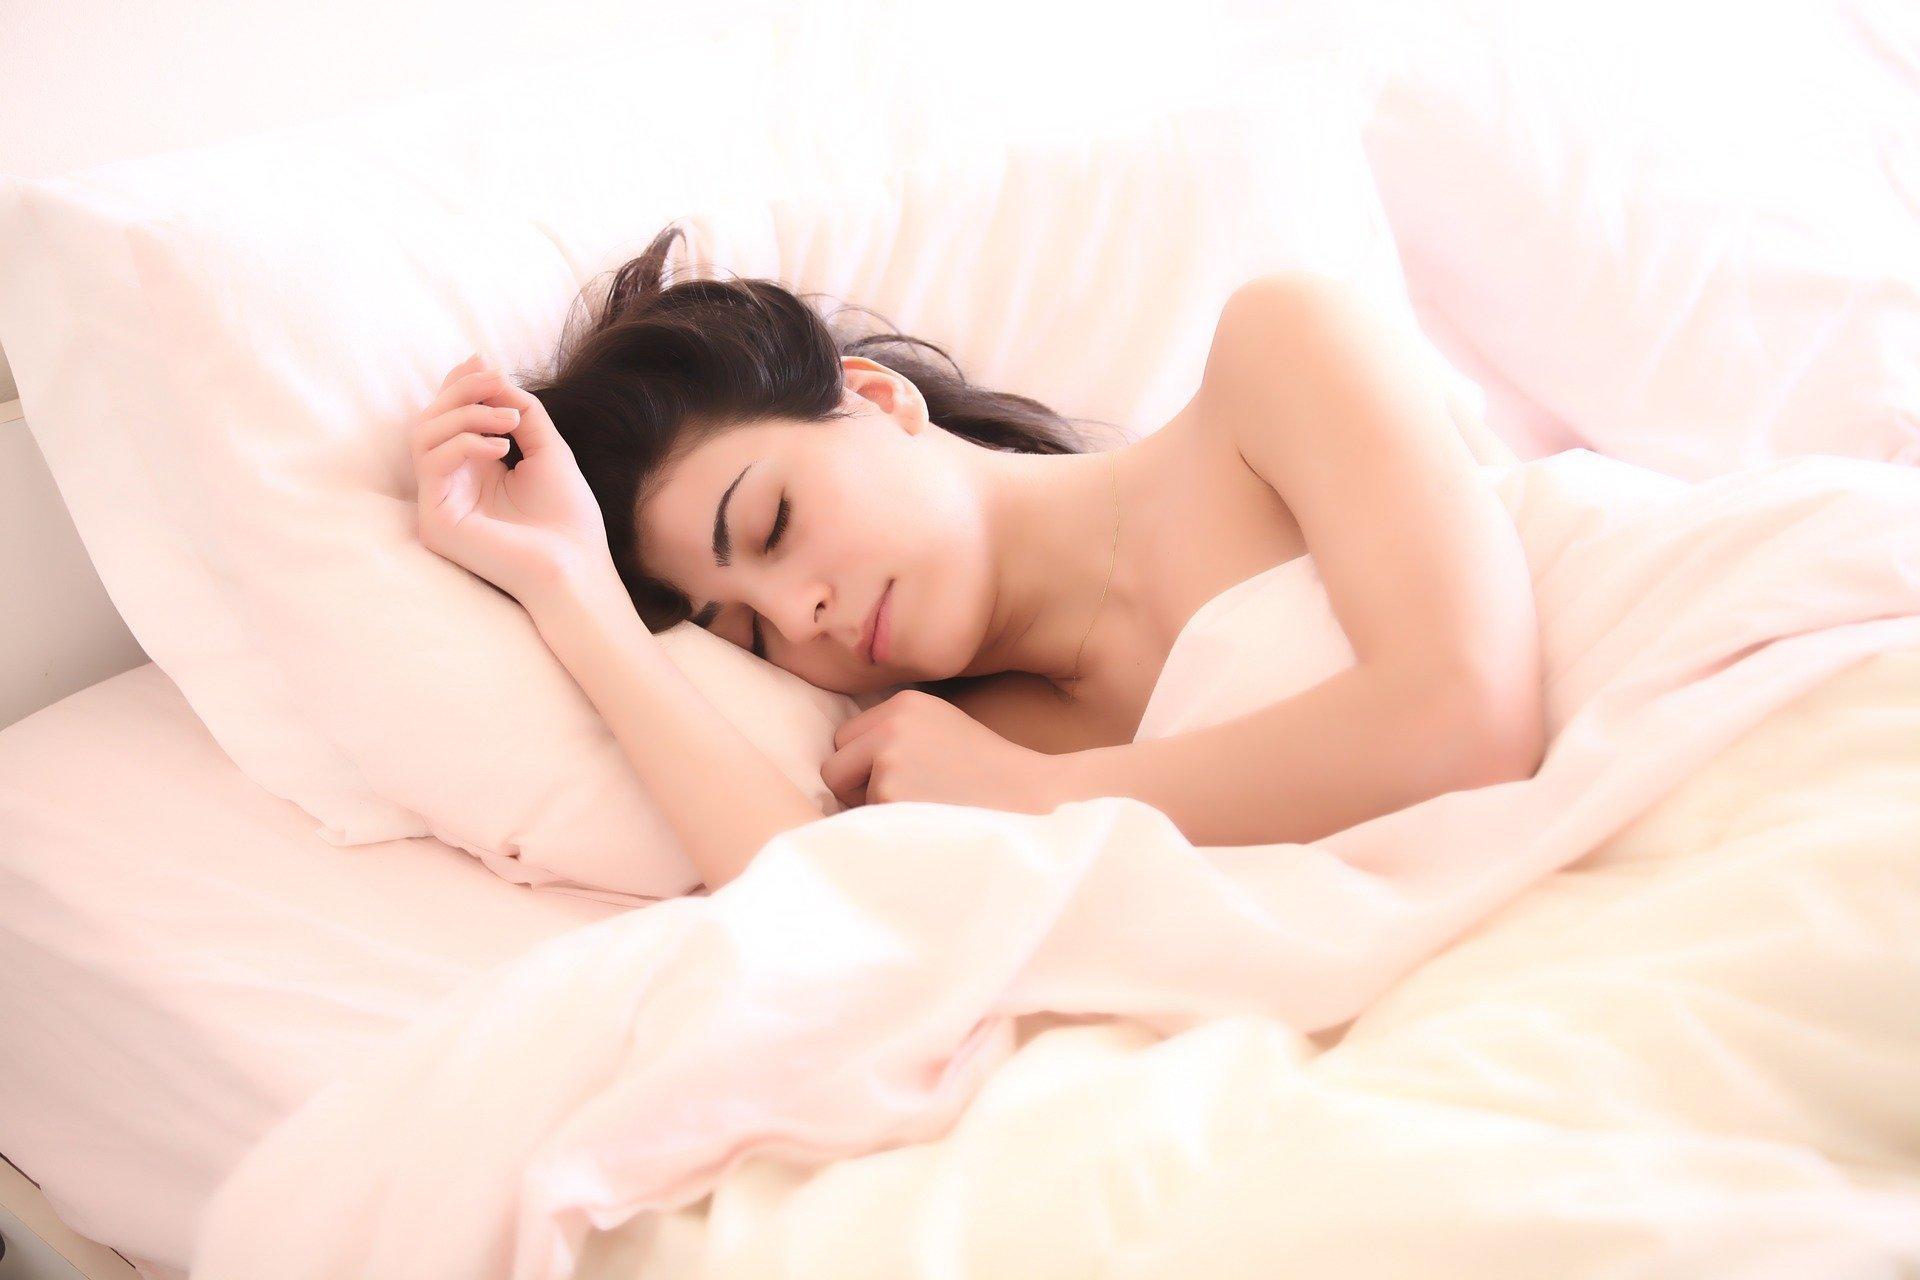 V posledních několika letech se výrazně zvýšil zájem o zdravé spaní. Důvodů je hned několik. Spousta lidí si uvědomuje, že za palčivými bolestmi zad nestojí žádné zdravotní problémy, ale nekvalitní lůžko. Jestliže si tedy chcete dopřát ničím nerušený spánek a zbavit se veškerých potíží s pohybovým ústrojím, doporučujeme správně zkombinovat rošt s matrací. V následujících řádcích se zaměříme především na rošty, které současný trh nabízí.